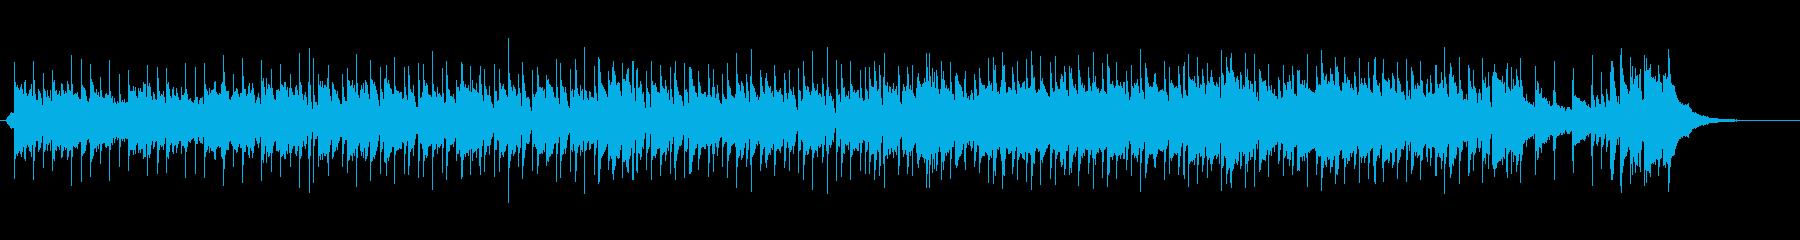 CM用9a、元気で楽しく軽快なキッズ向けの再生済みの波形